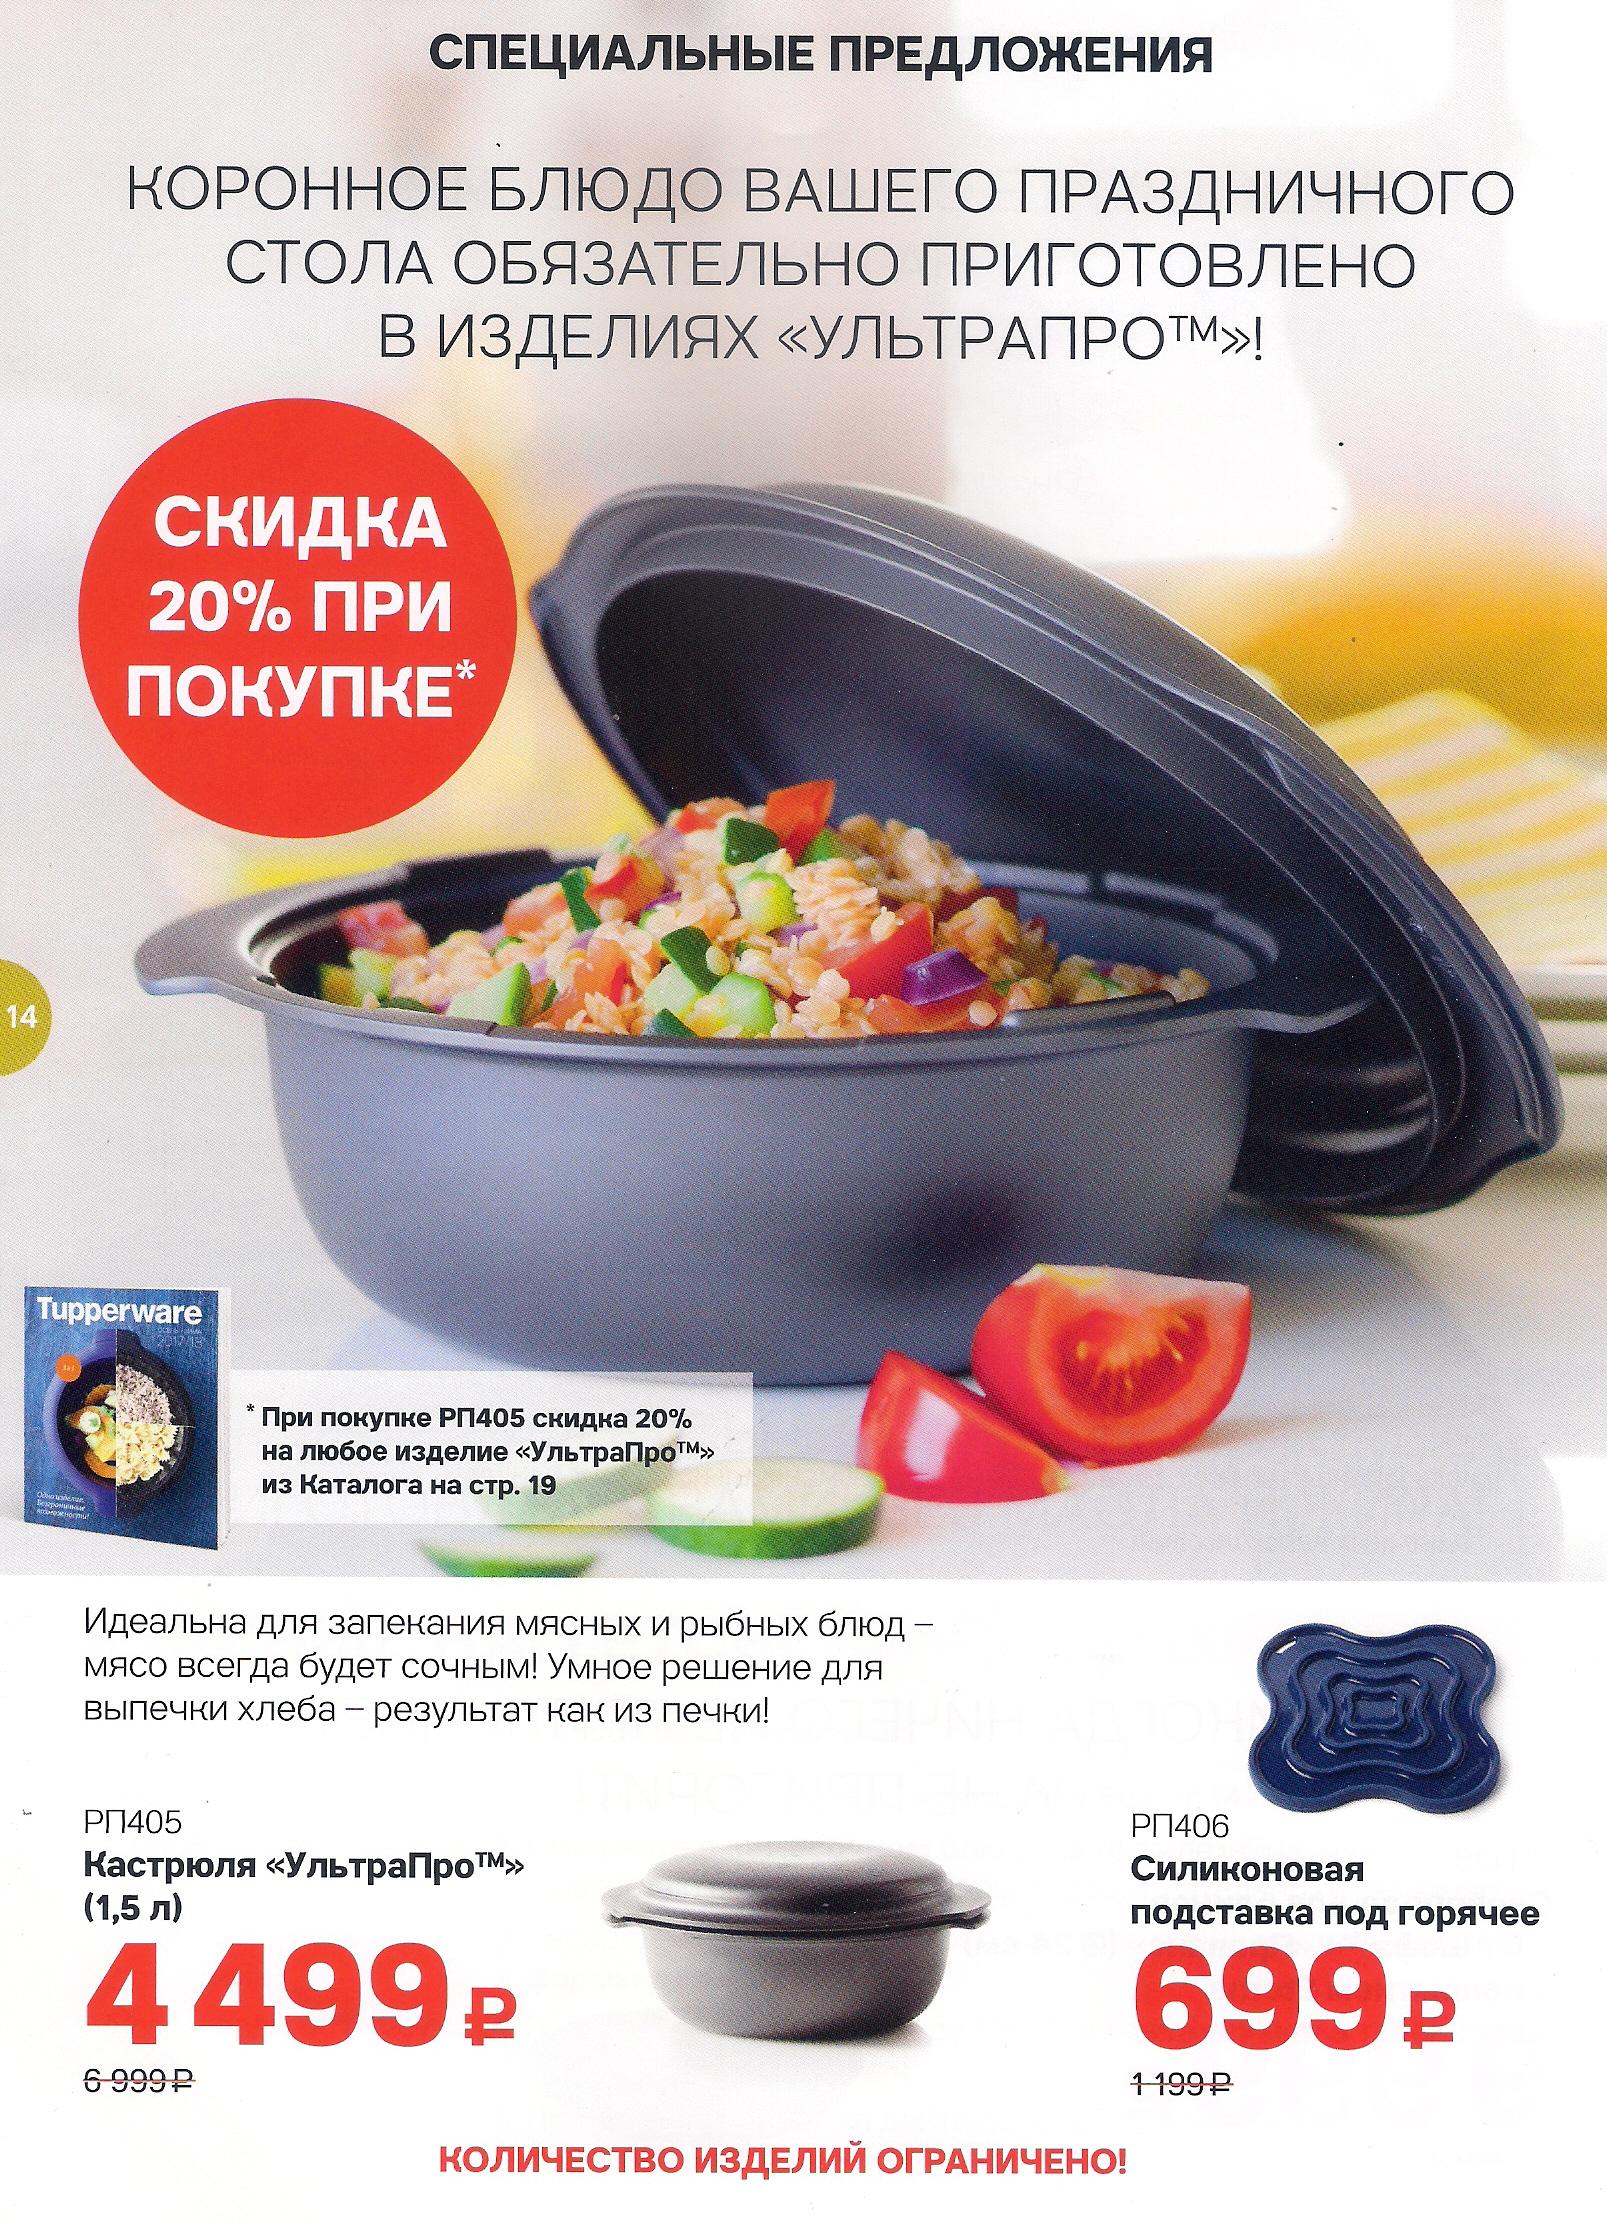 http://tupperware-online.ru/images/upload/13p.jpg